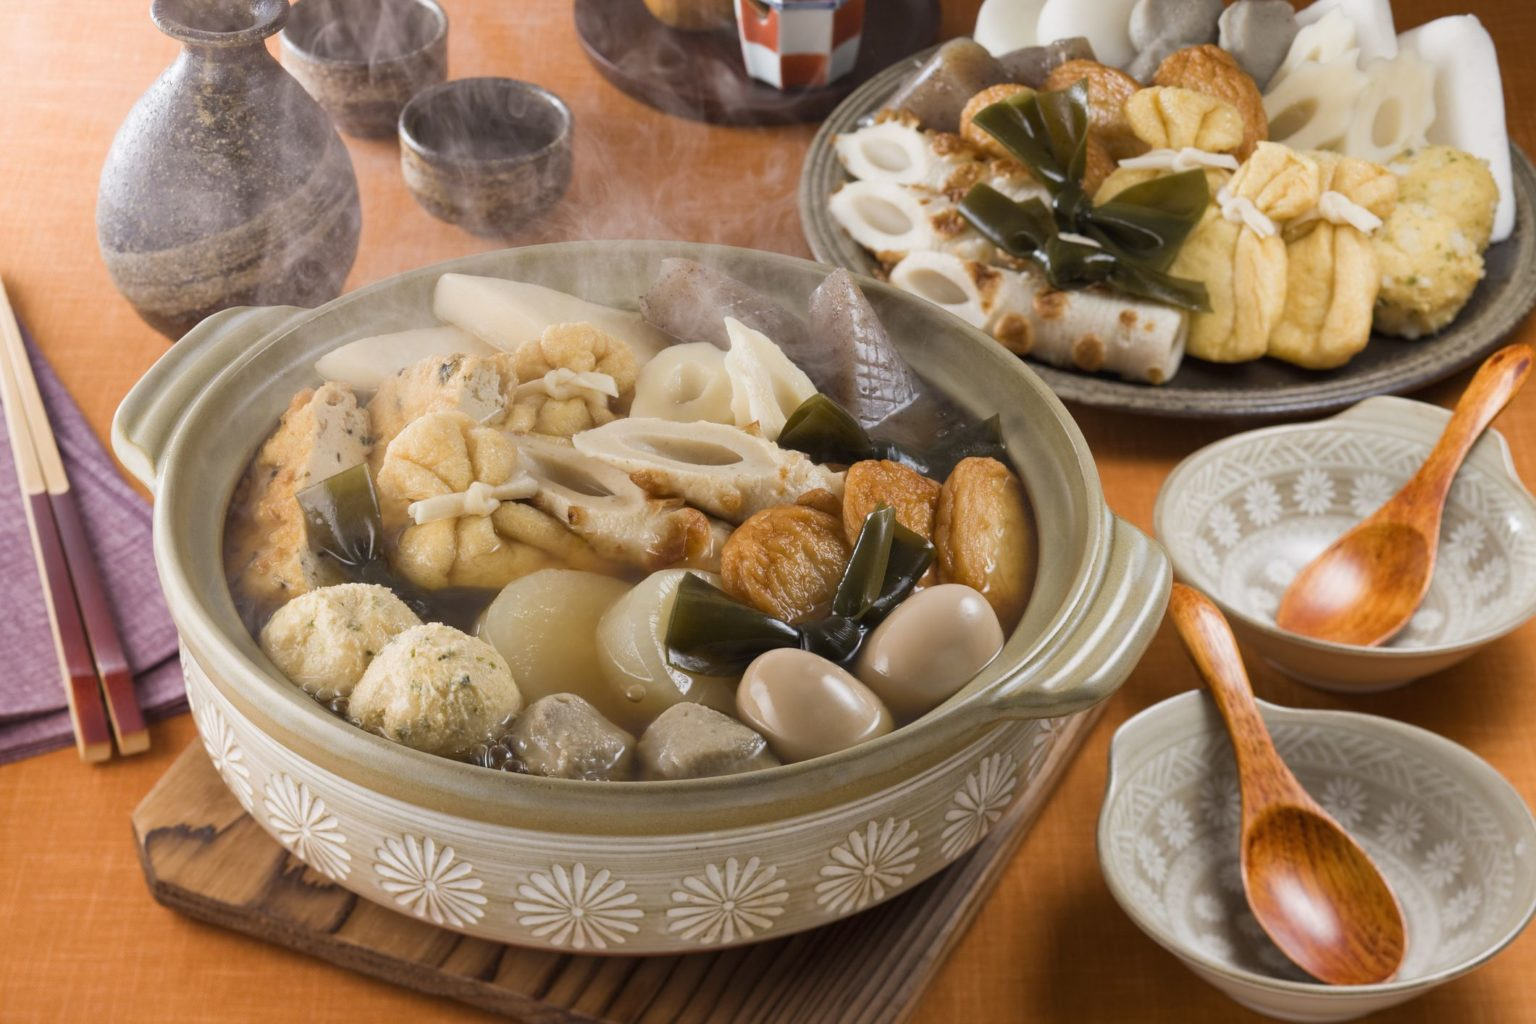 В японской закусочной подают суп, который начали варить в 1945 году